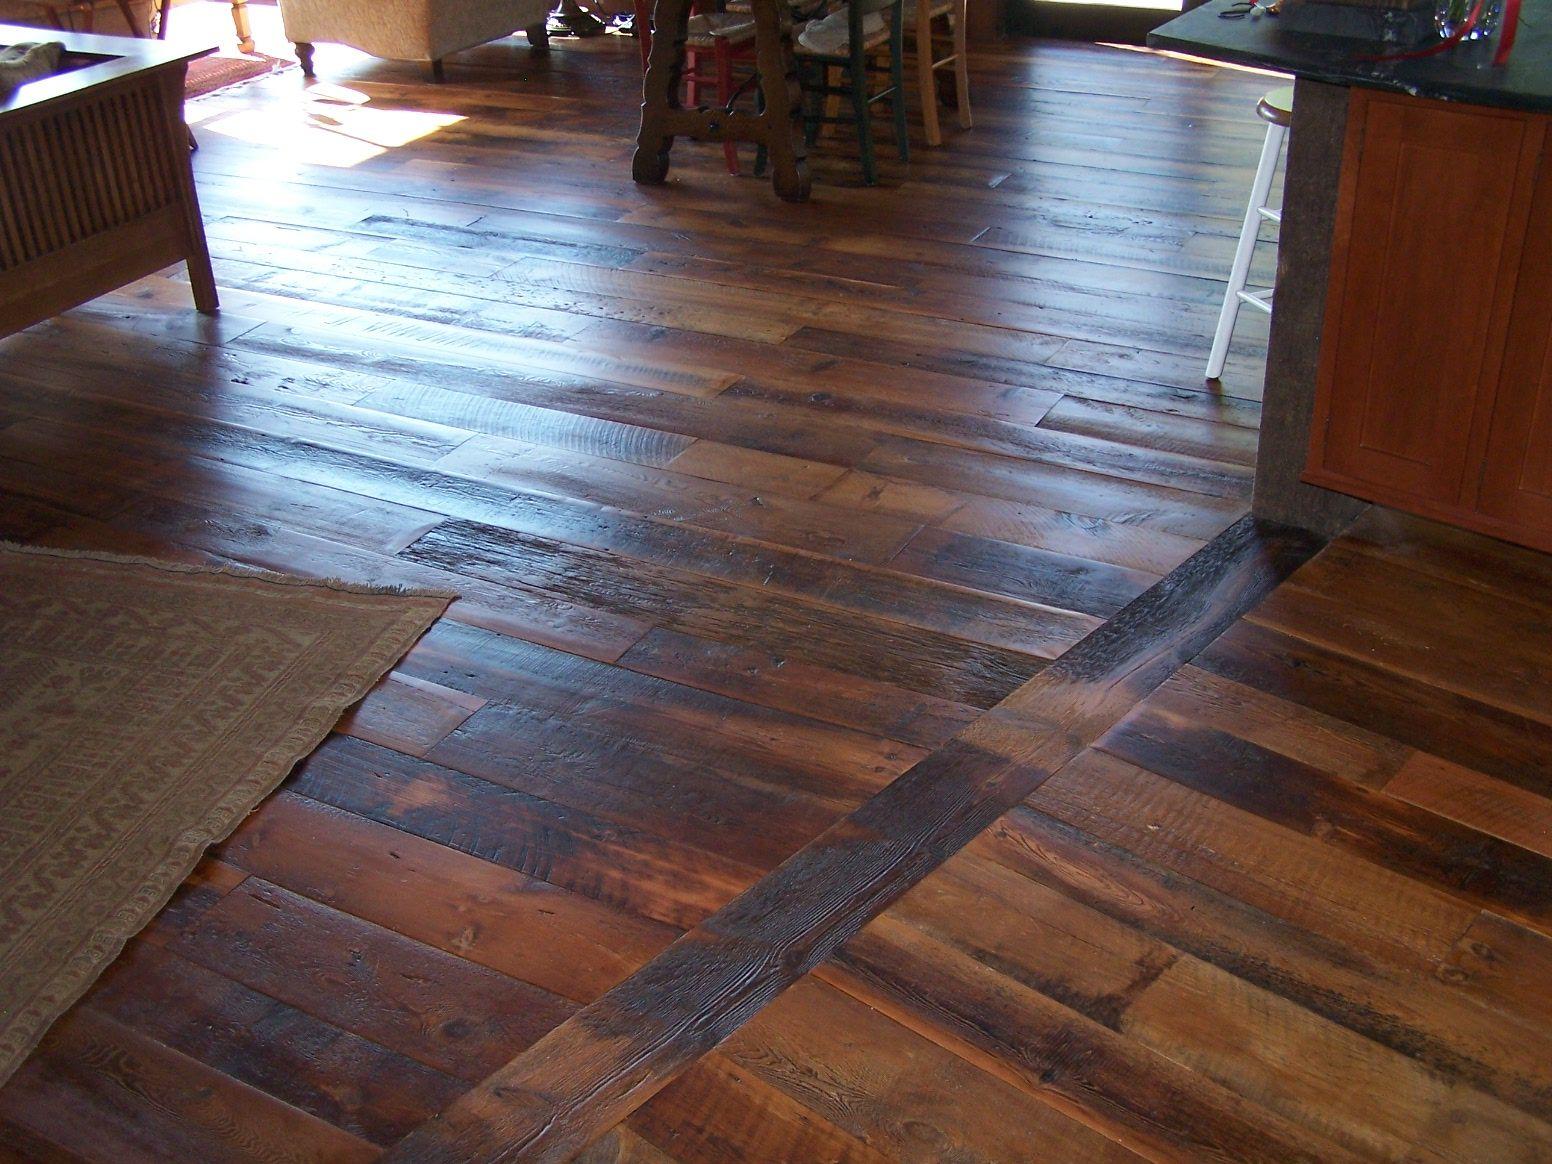 Rustic Wide Plank Hemlock Flooring Reclaimed Wood